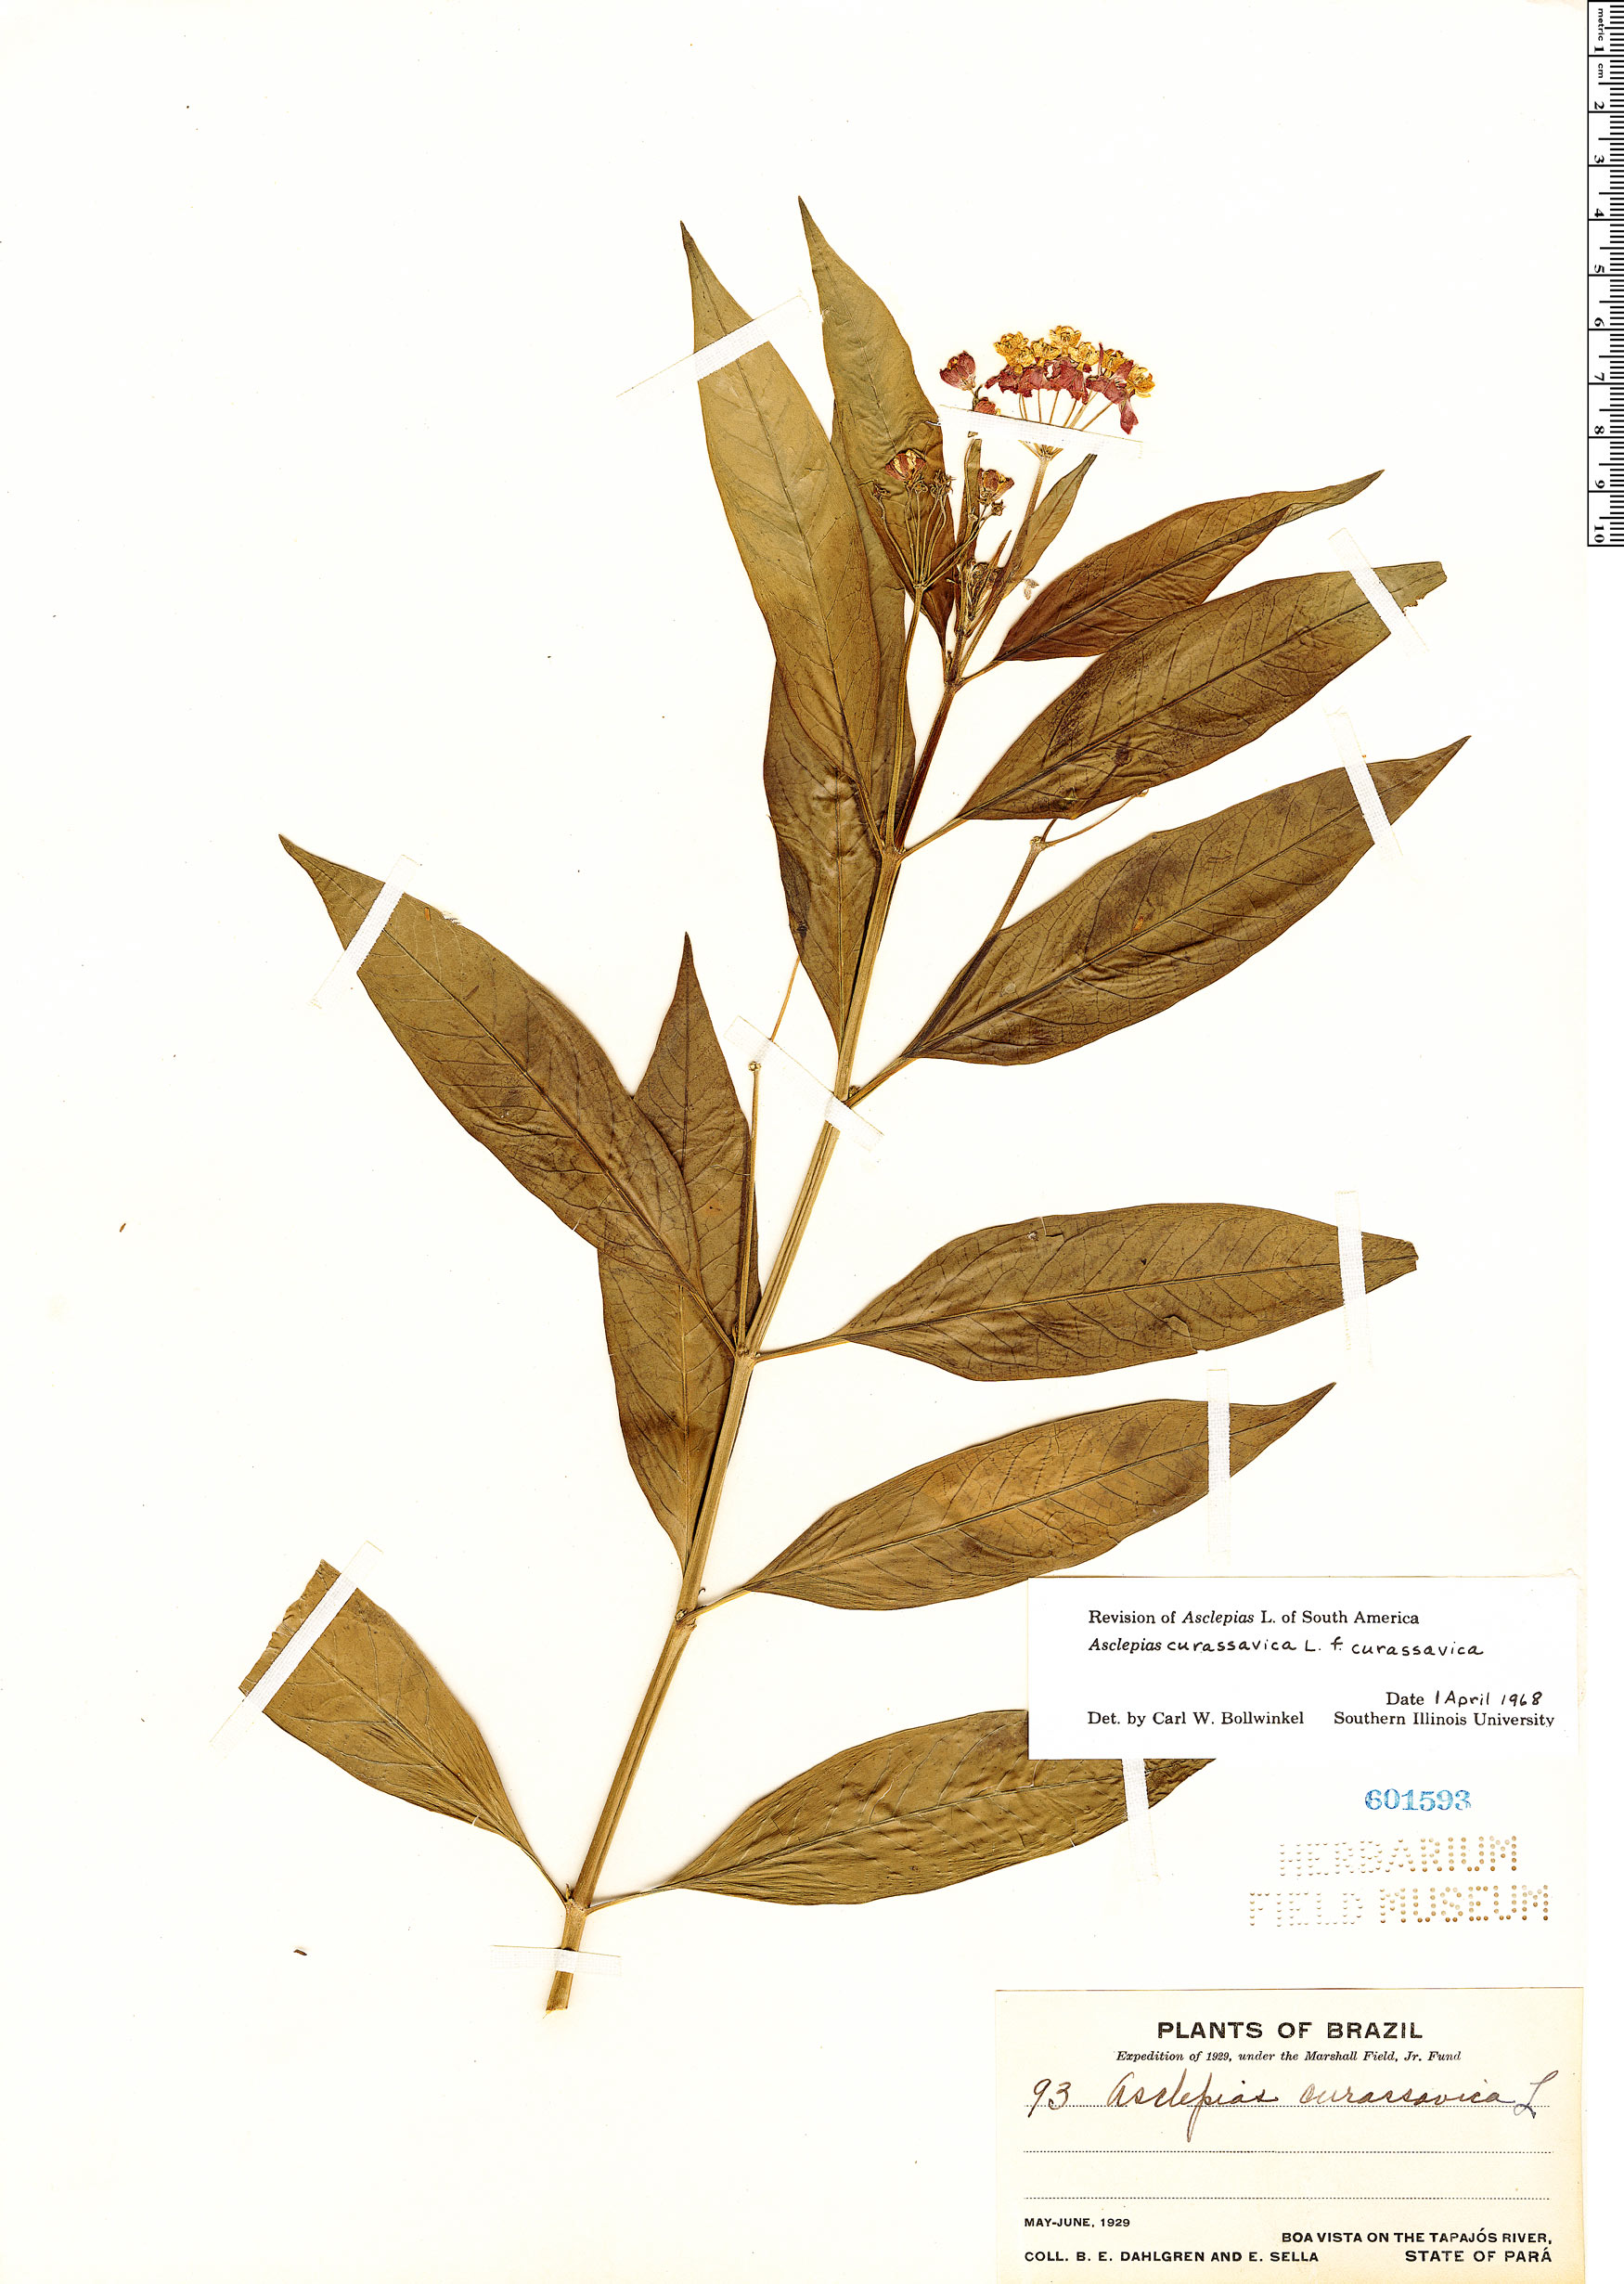 Espécime: Asclepias curassavica